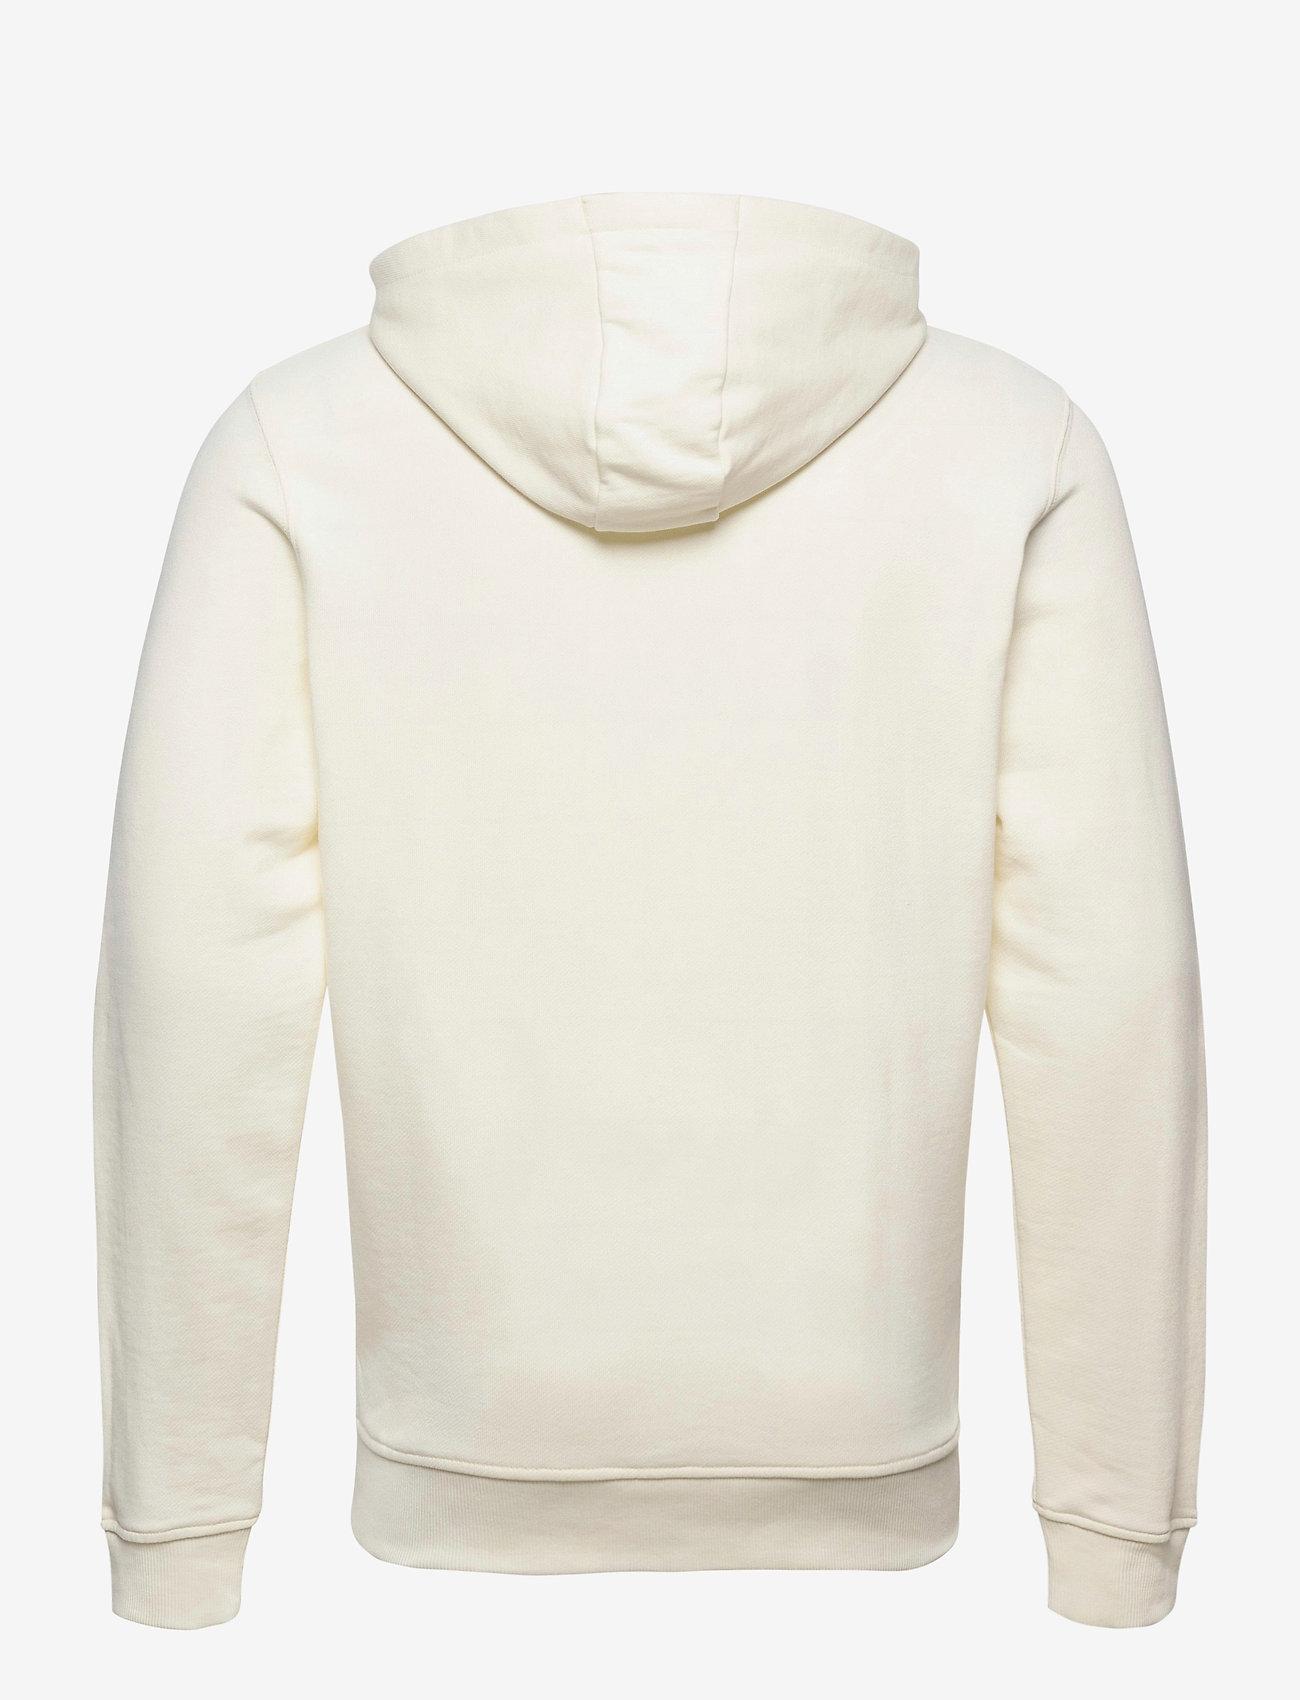 Lyle & Scott Zip Through Hoodie - Sweatshirts VANILLA ICE - Menn Klær